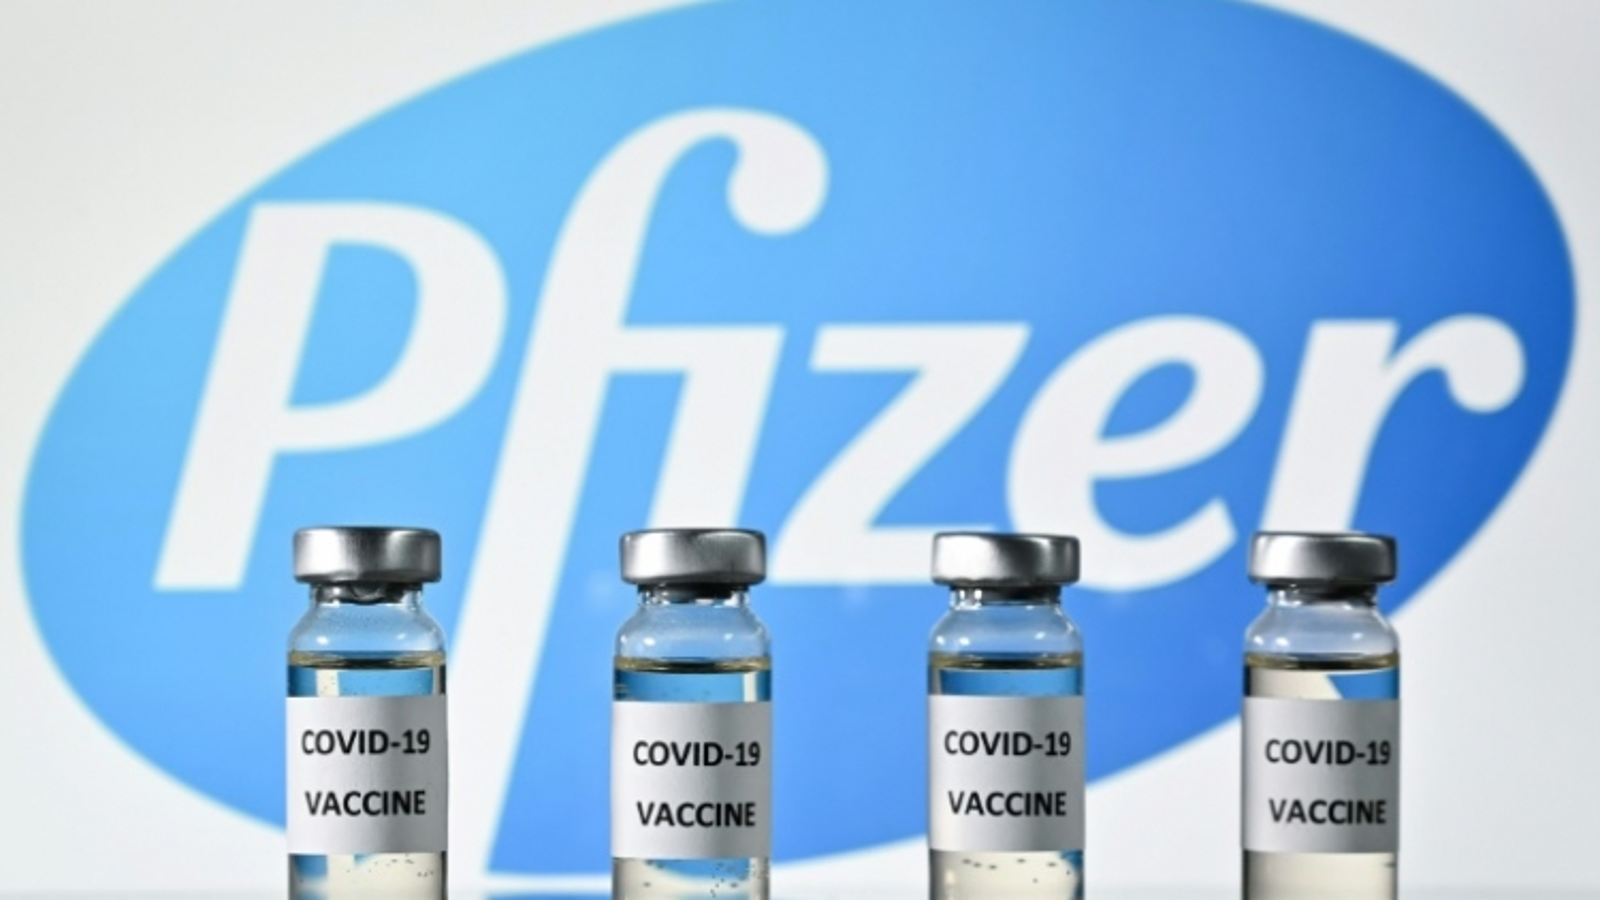 Thủ tướng Séc đề xuất chia 1 lọ vắc xin của Pfizer thành 6 liều thay vì 5 liều